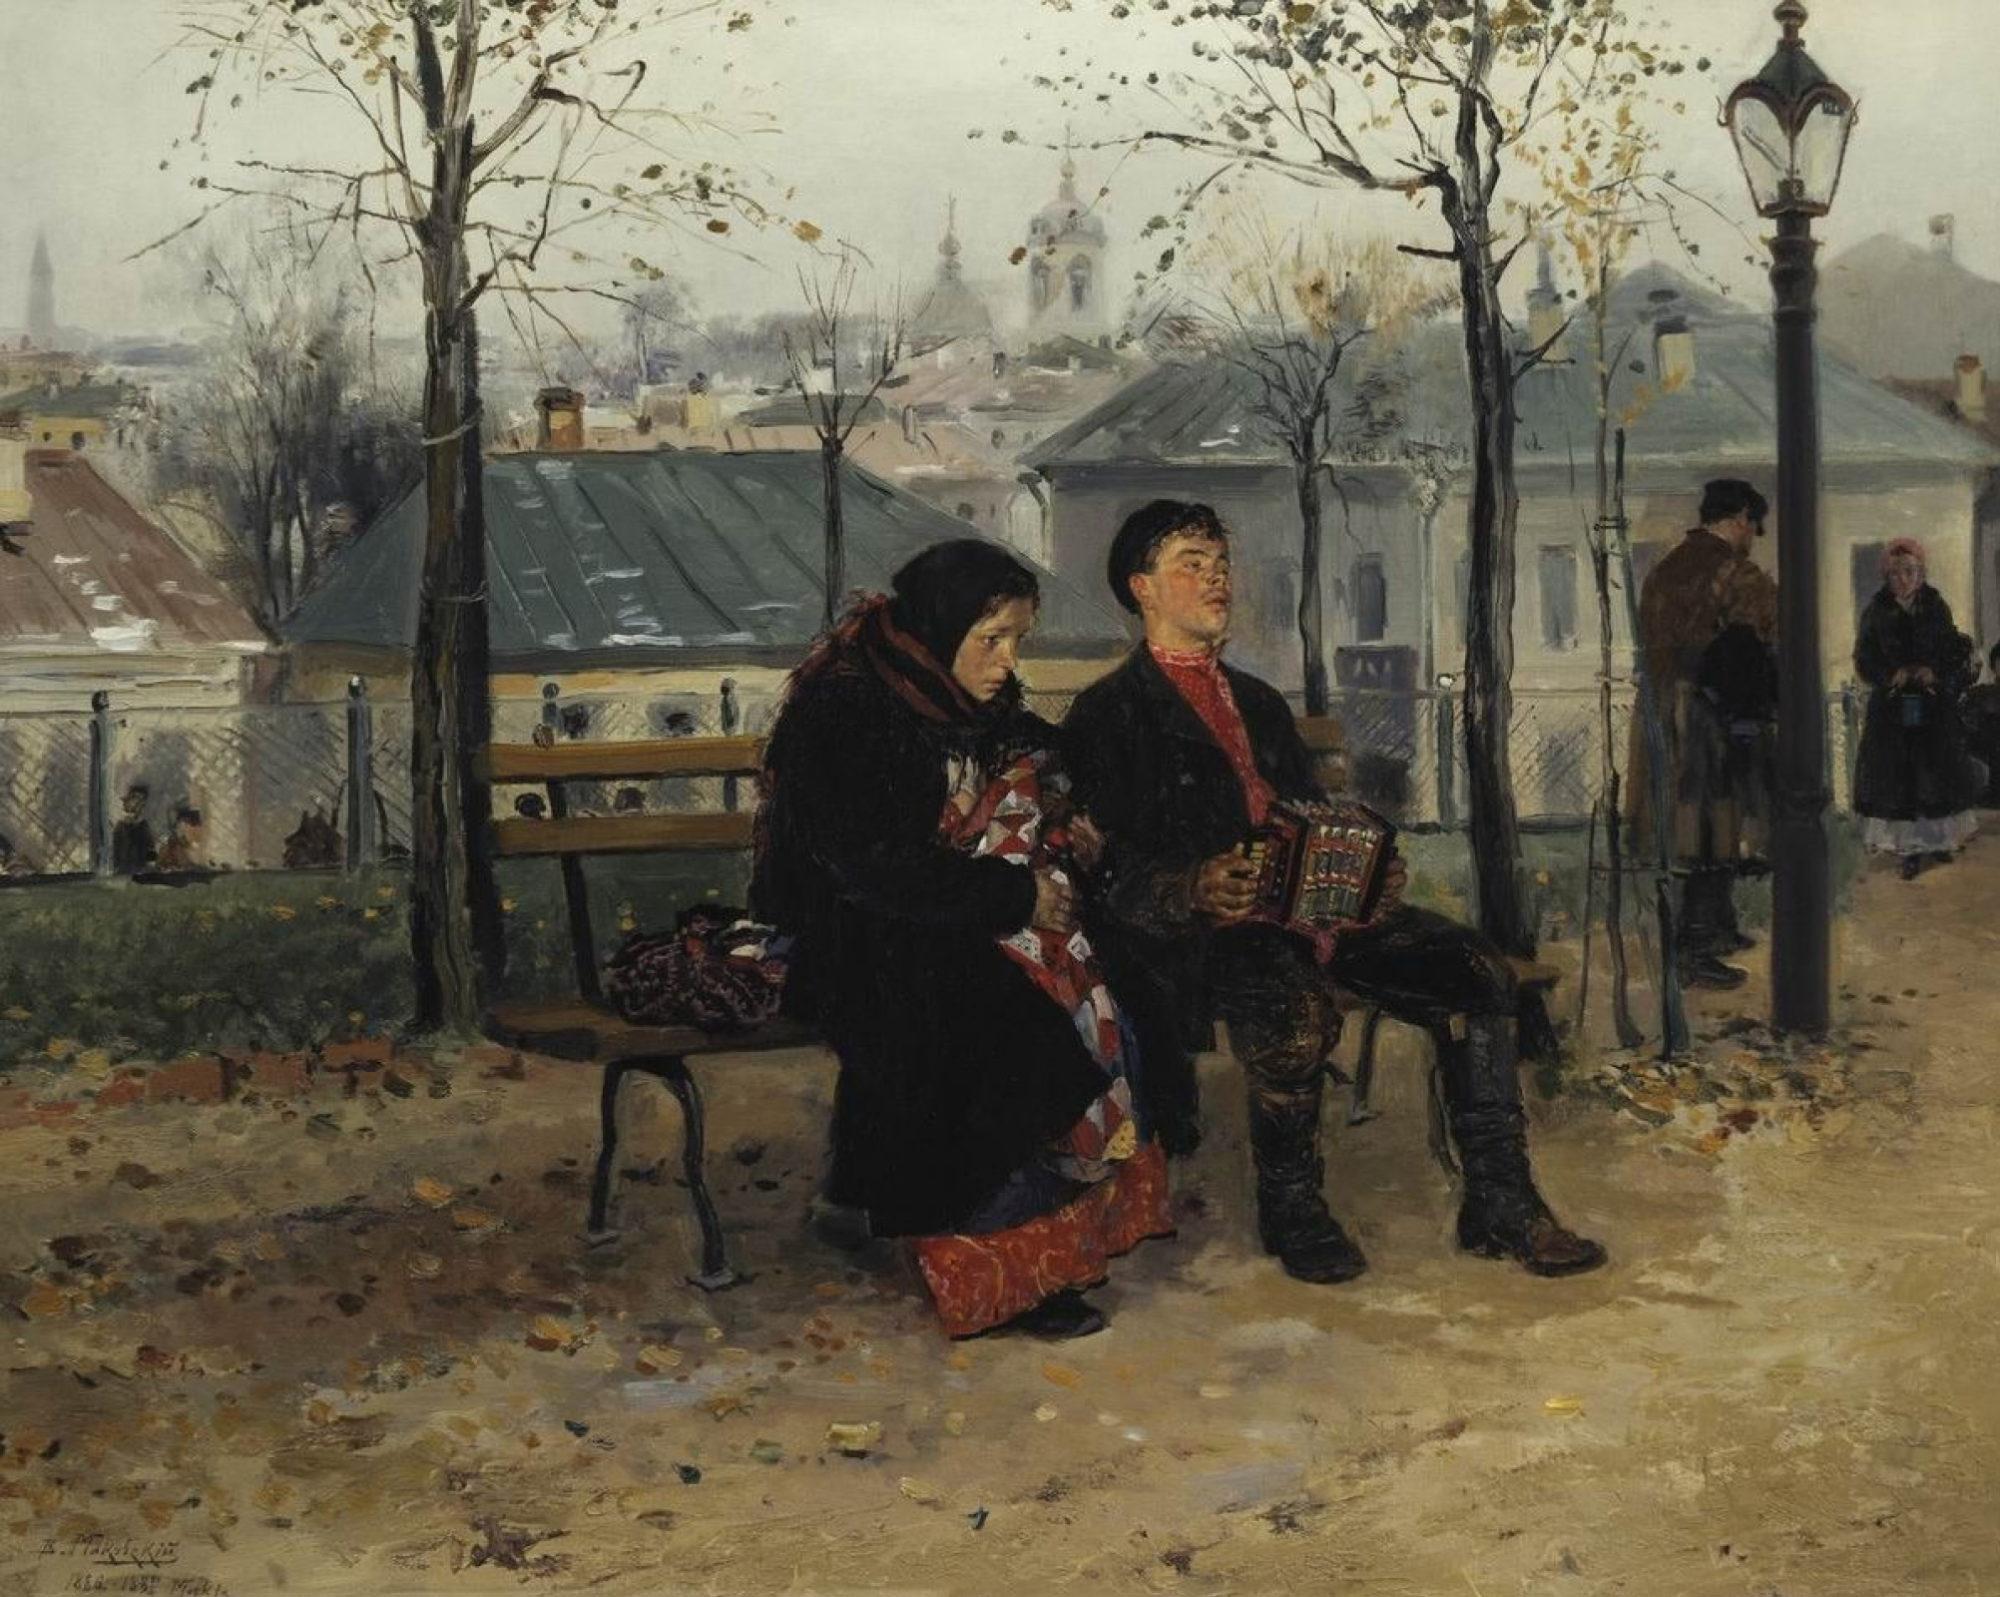 Константин Маковский, 1887 г., картина «На бульваре». Фото: 5sec.info